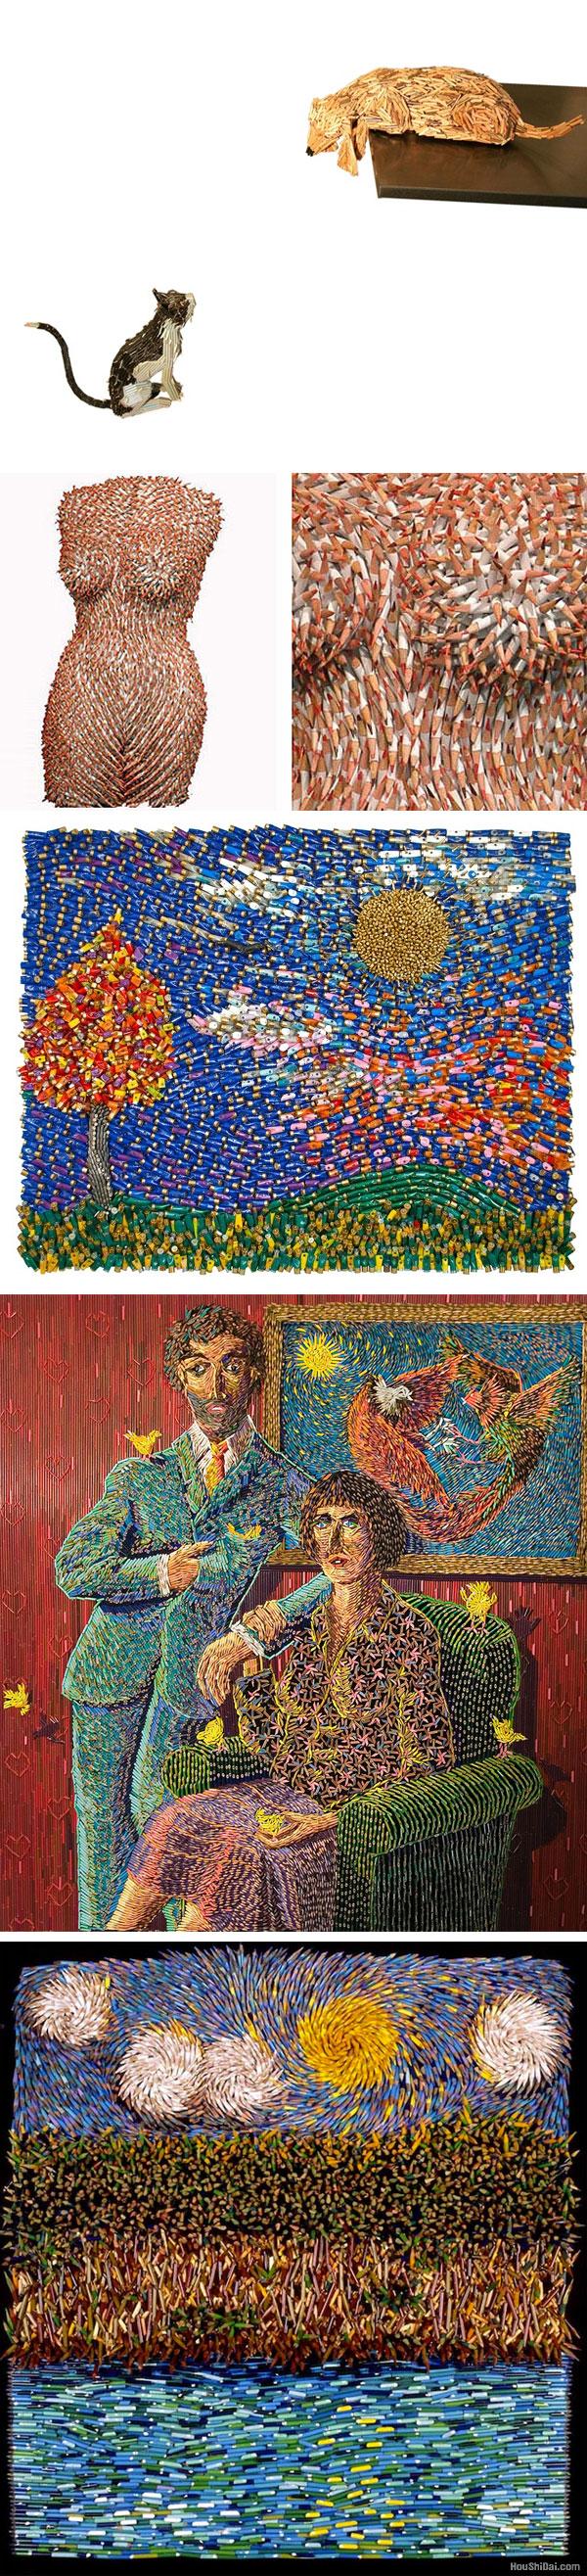 令人惊叹的多彩铅笔雕塑艺术